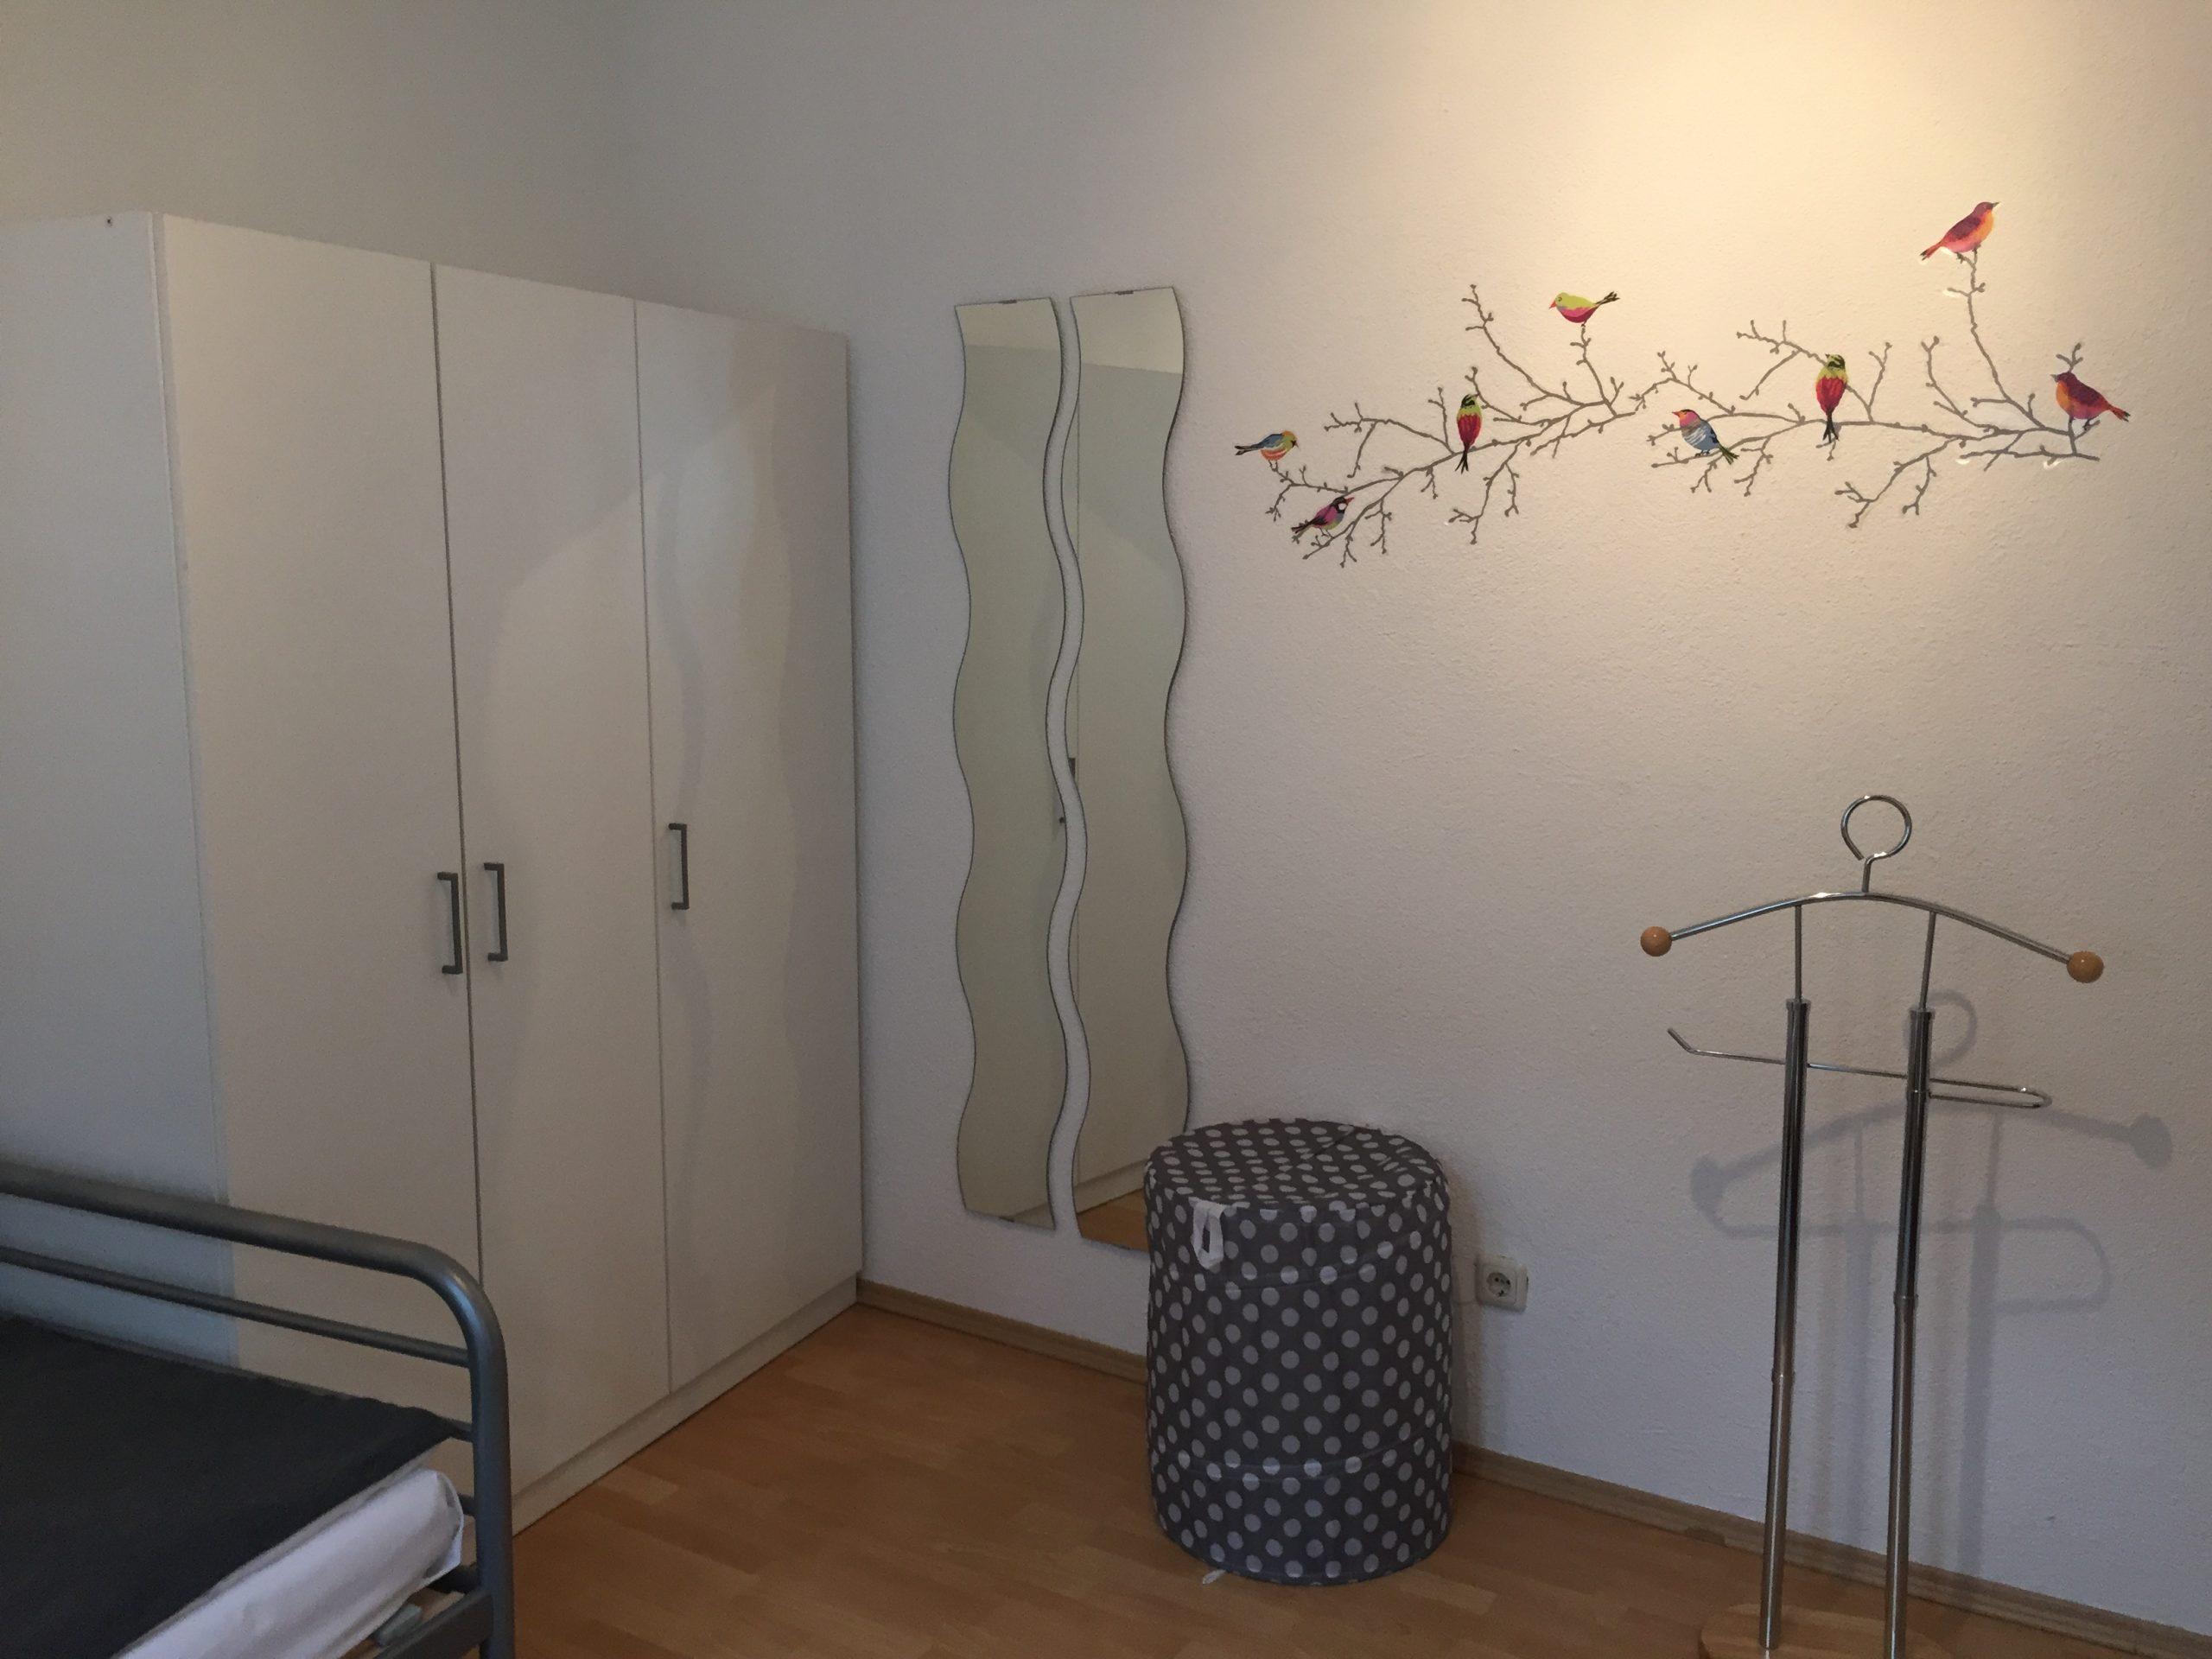 Kleineres Appartment mit Dusche/WC